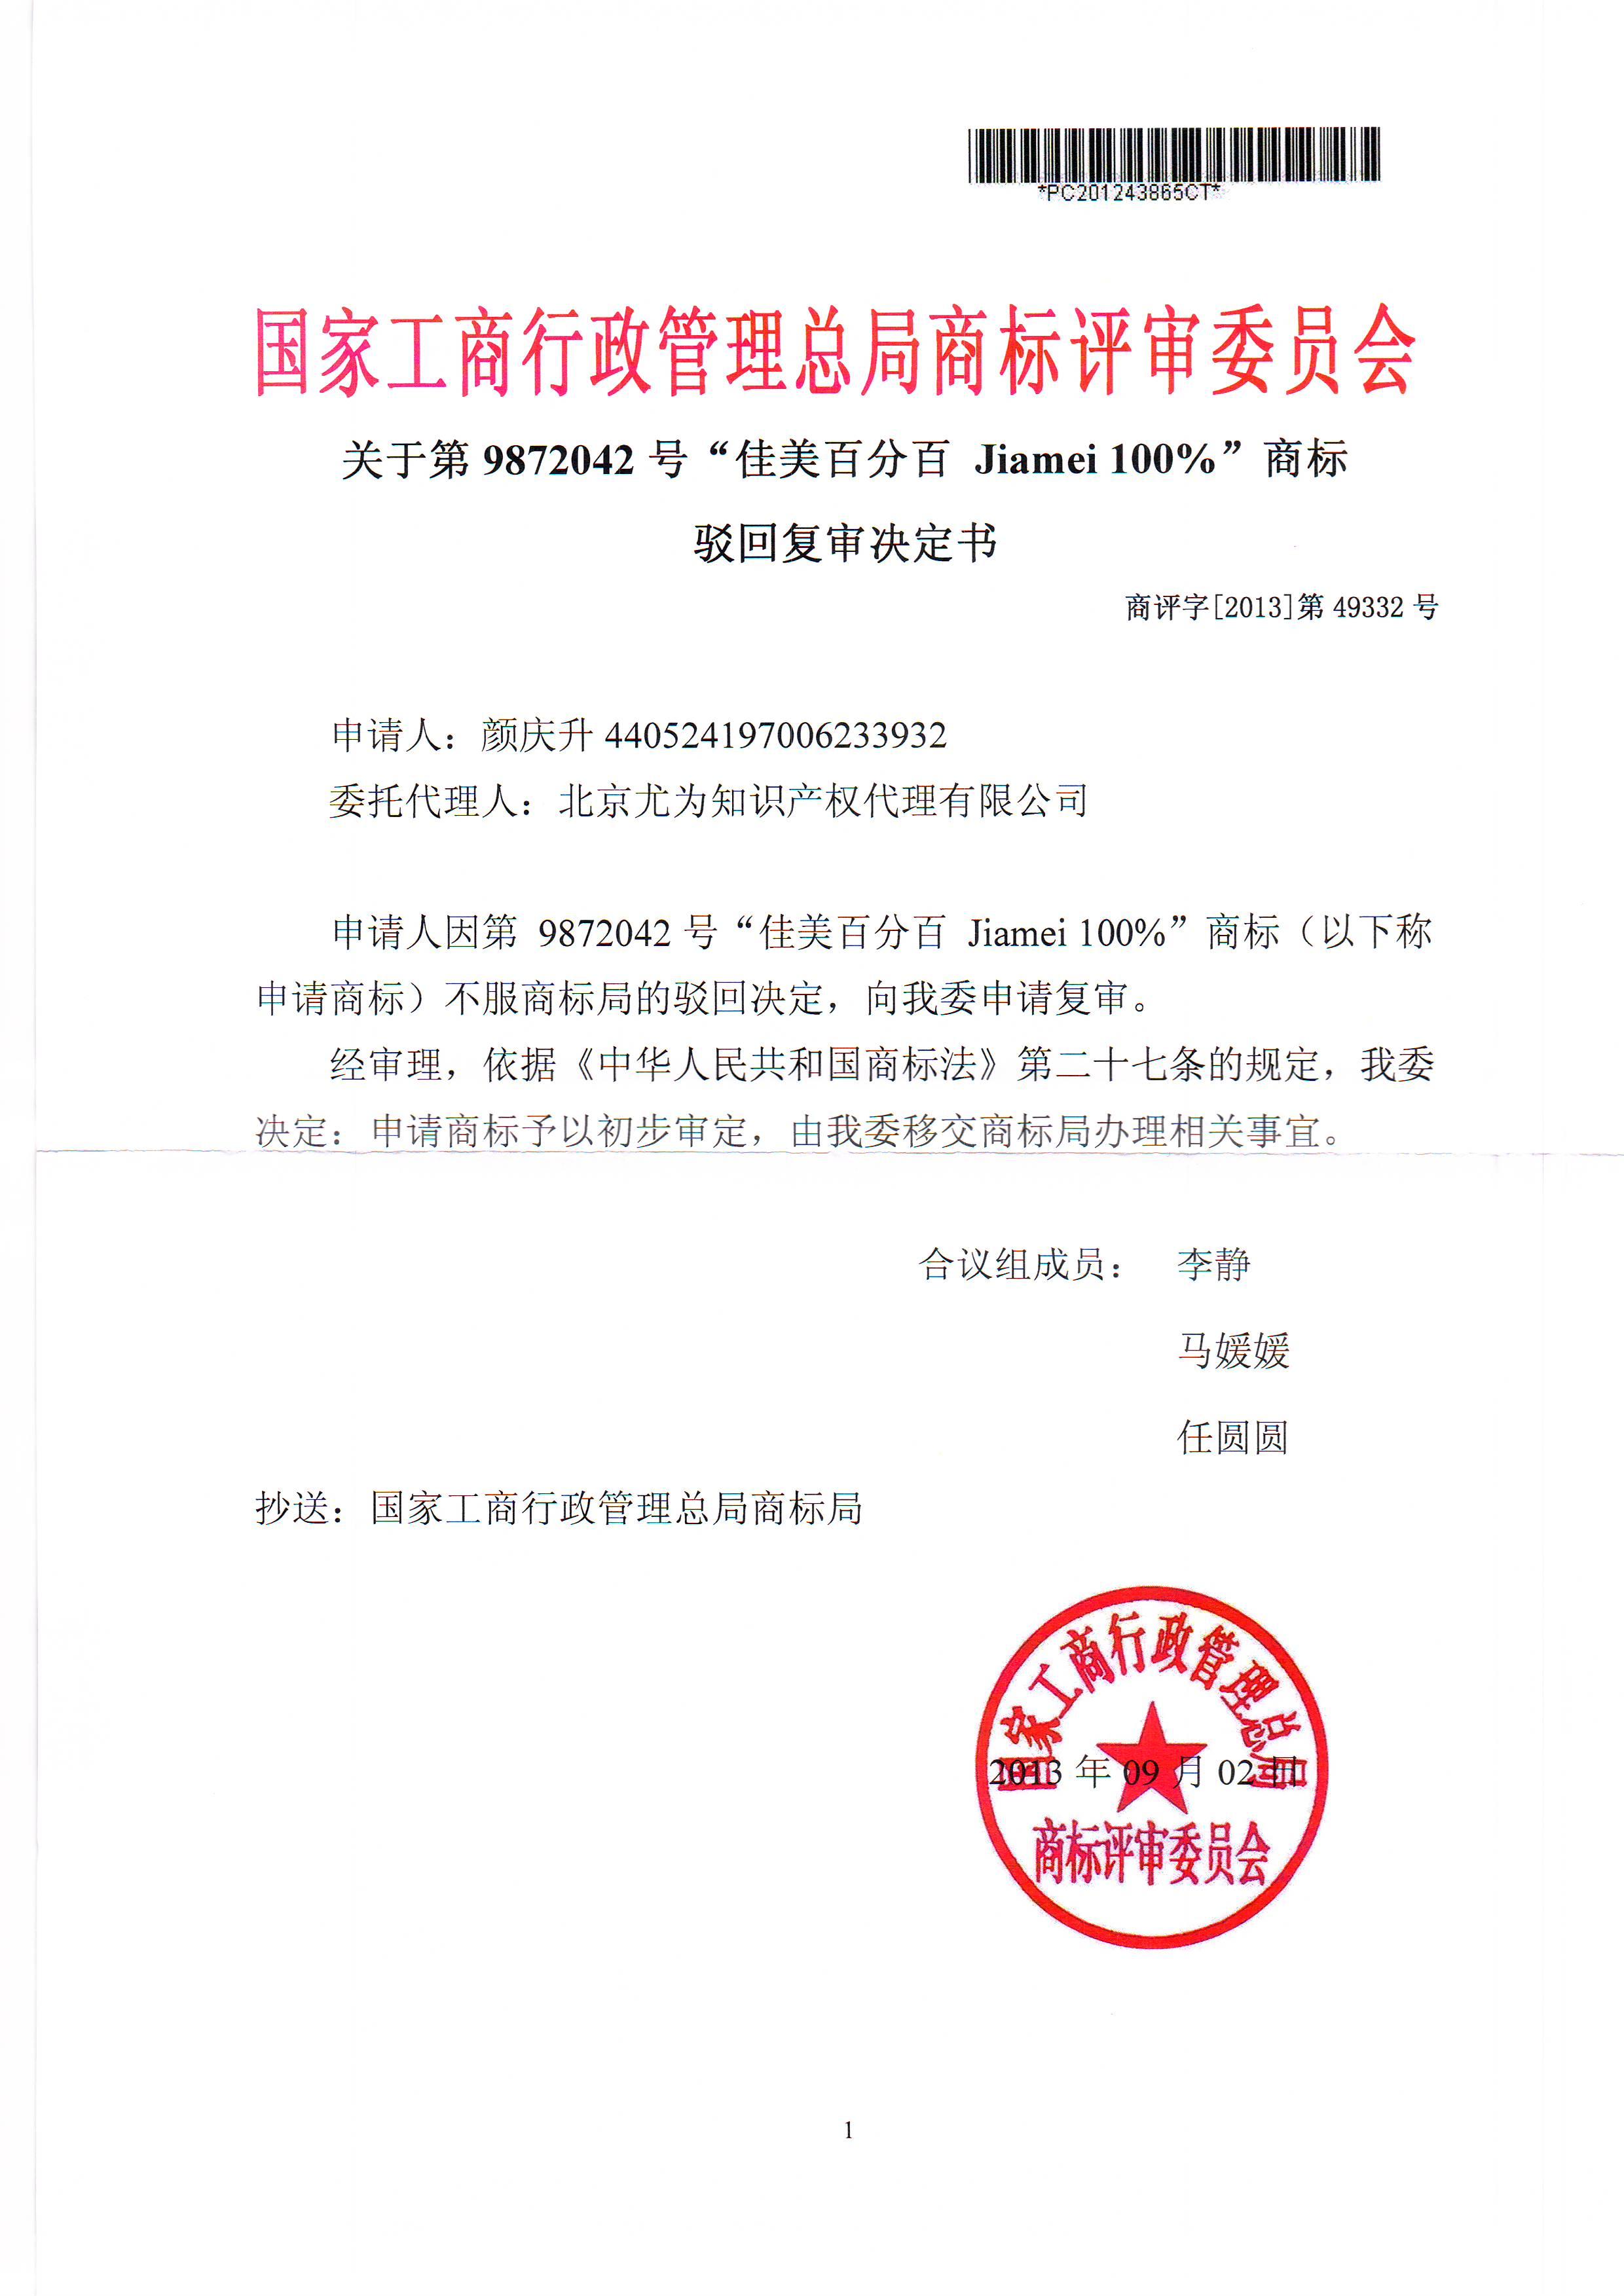 """颜庆升对第9872042号""""佳美百分百""""商标驳回成功!"""